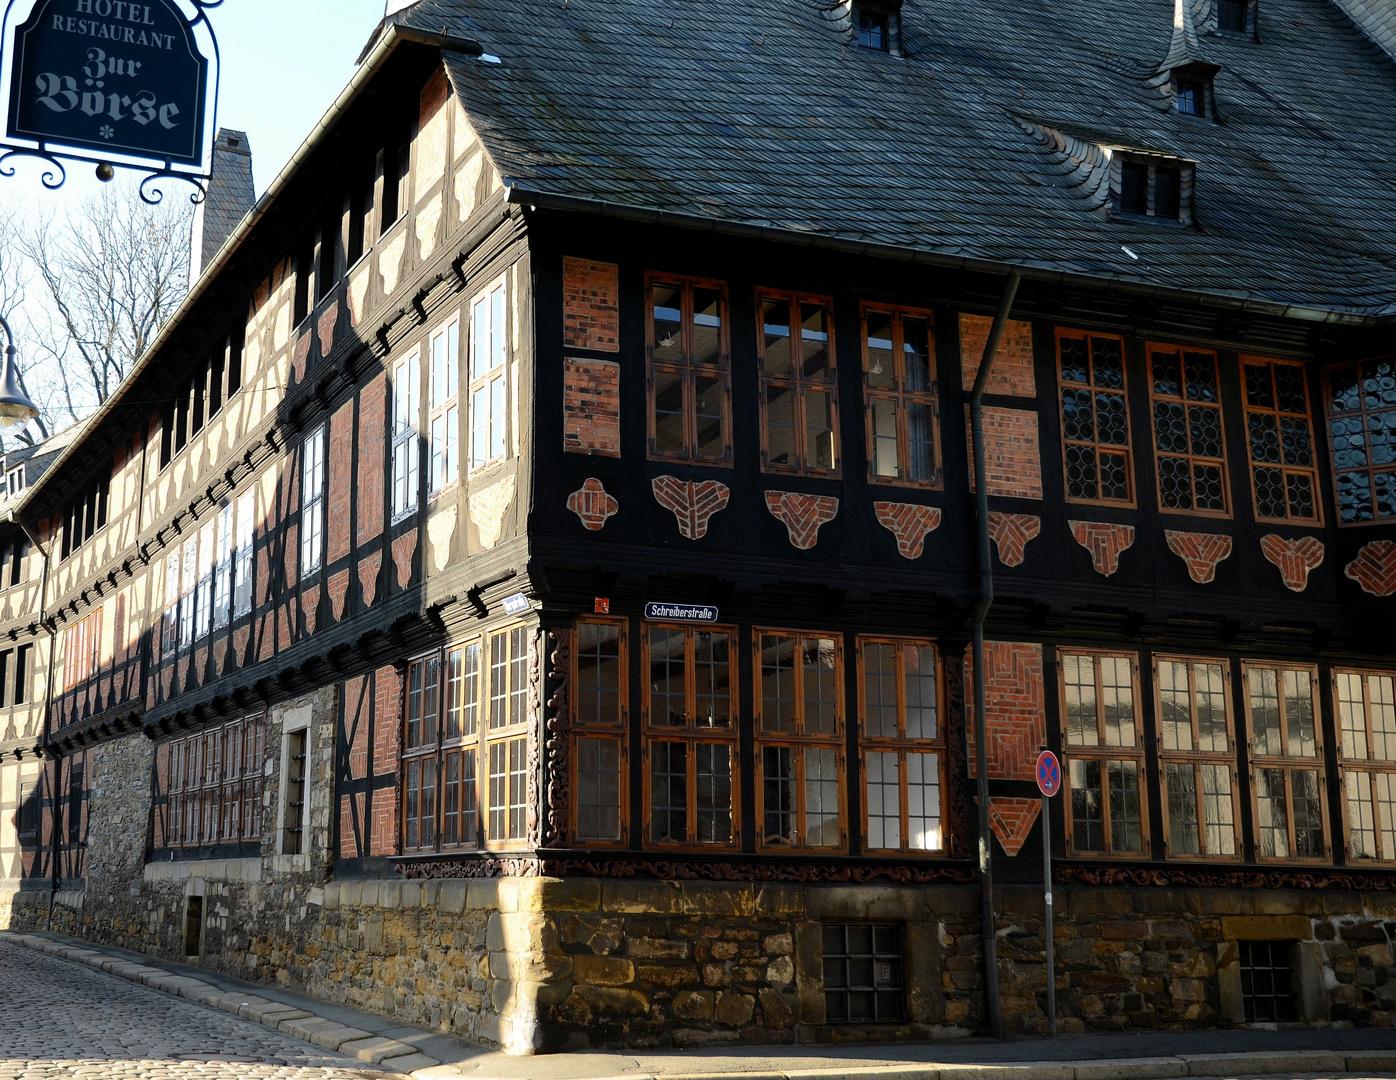 das siemens haus in goslar foto bild deutschland europe niedersachsen bilder auf fotocommunity. Black Bedroom Furniture Sets. Home Design Ideas